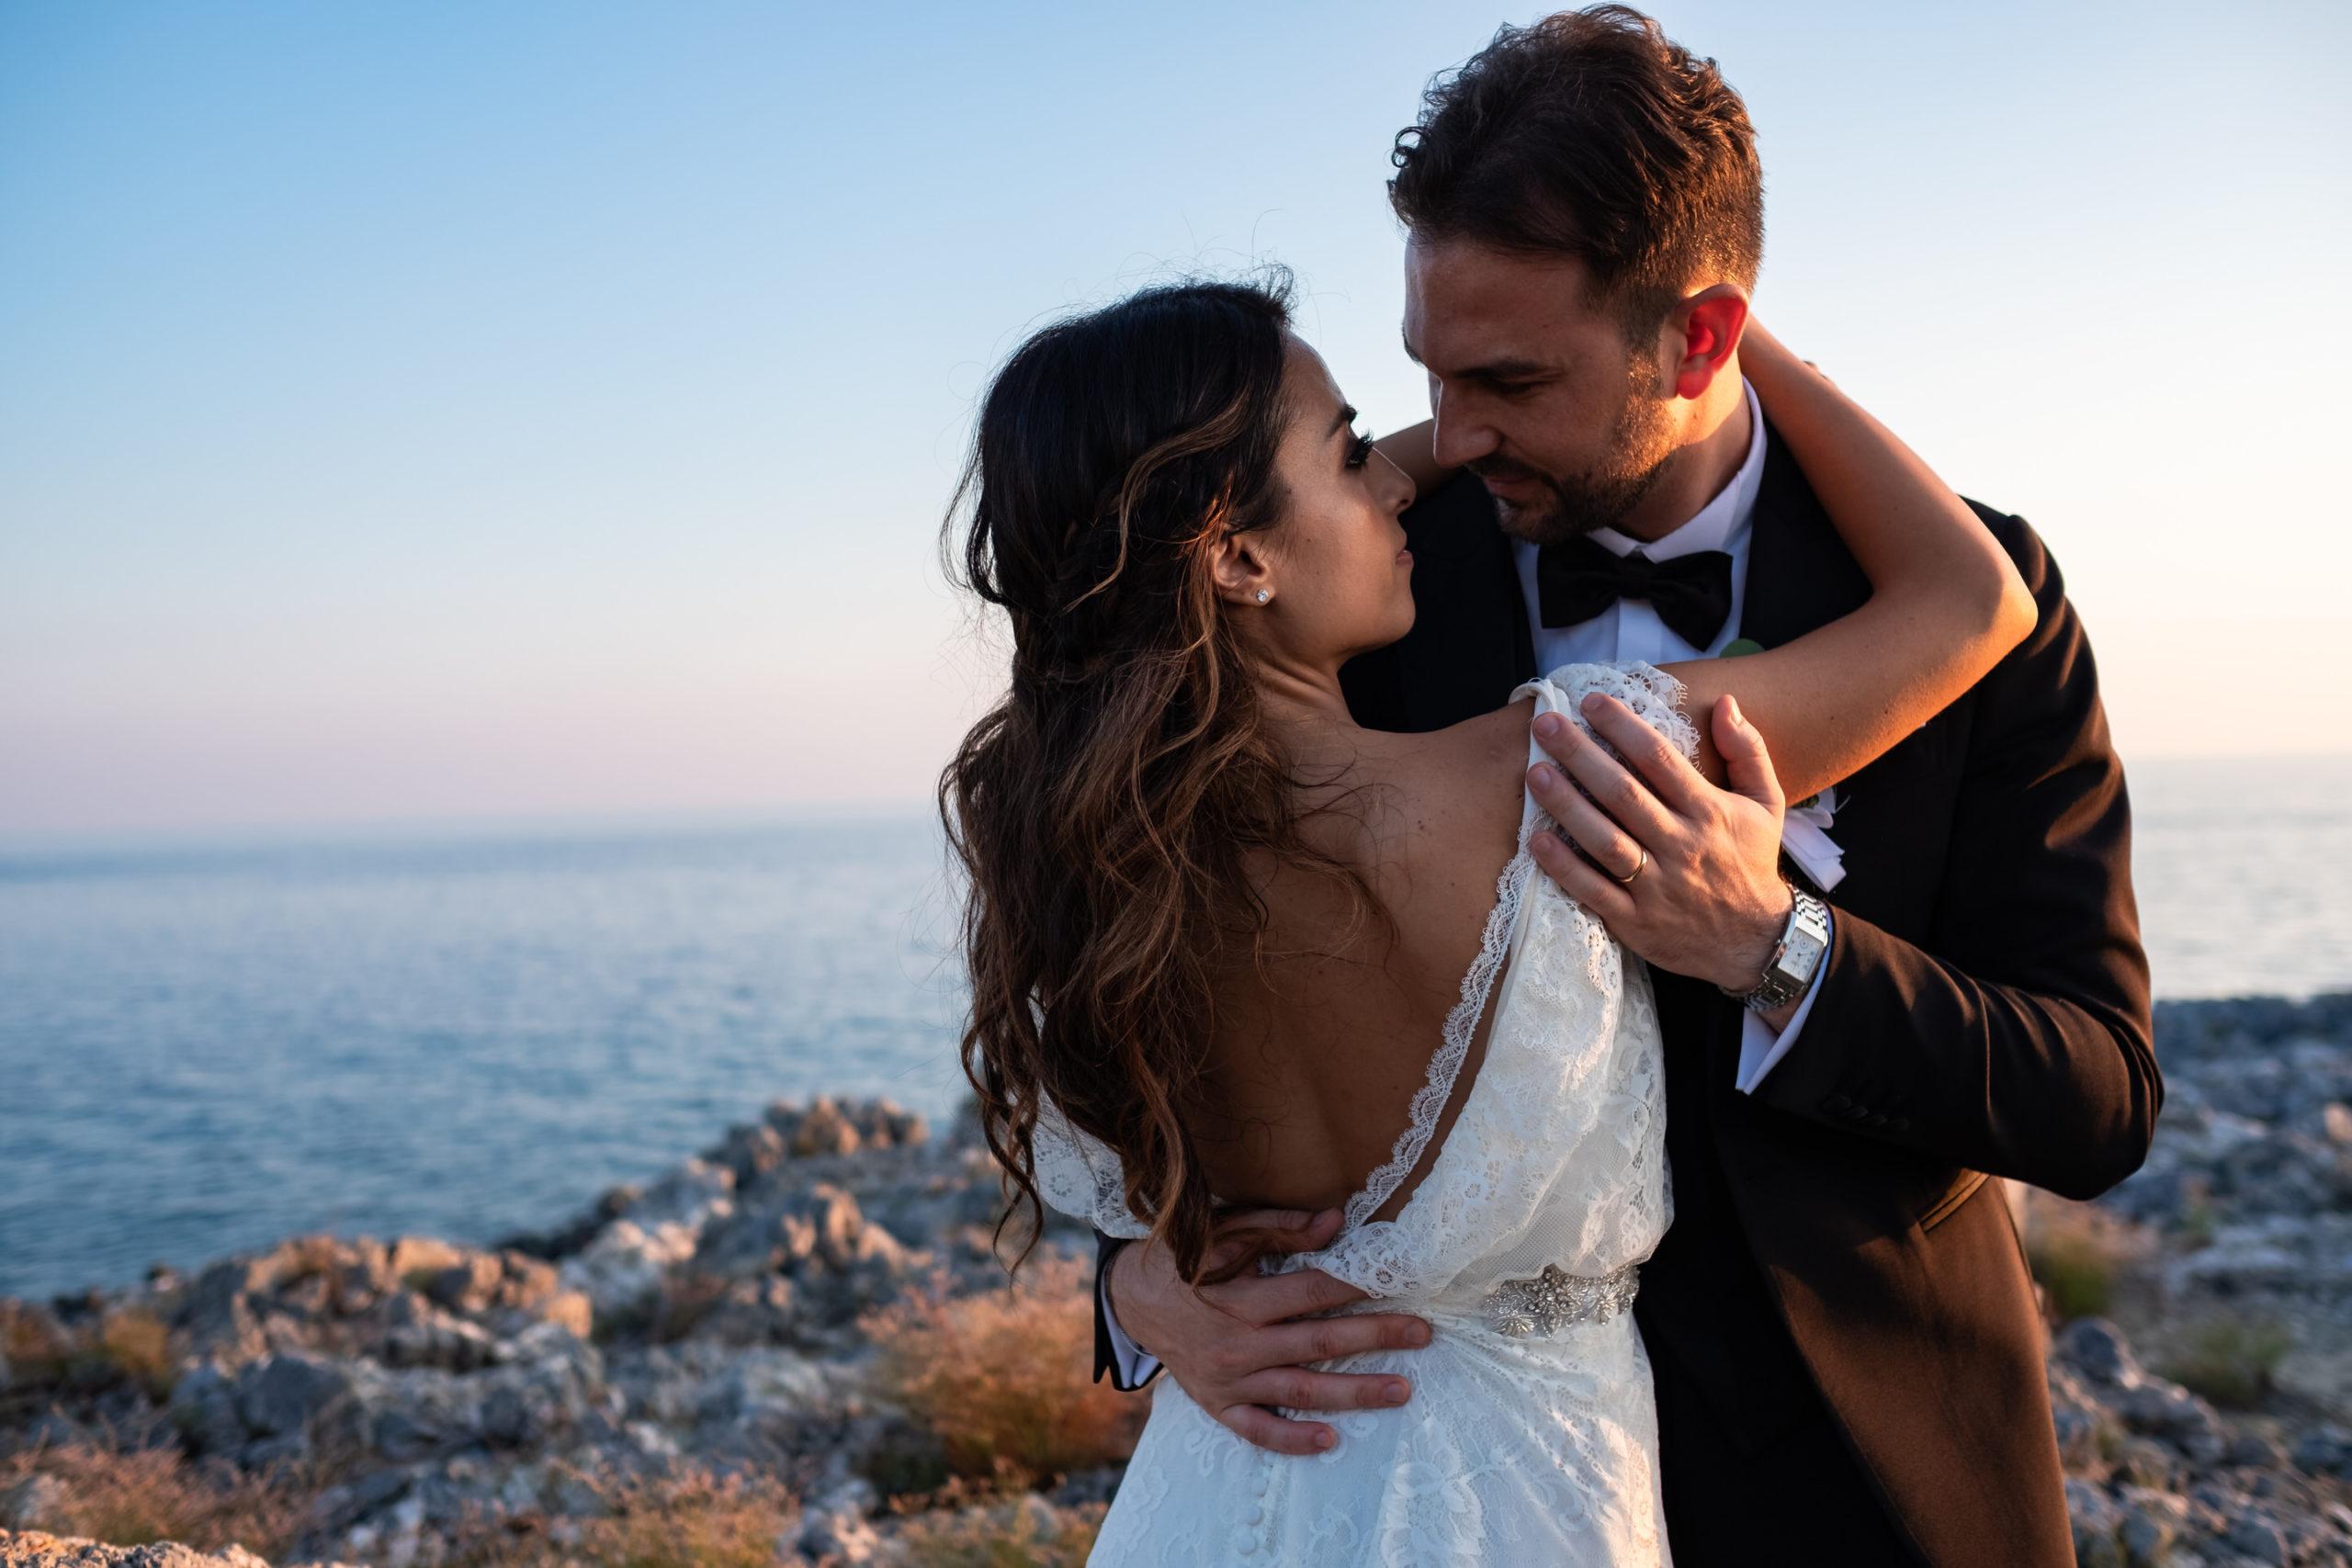 wedding in diamante calabria italy